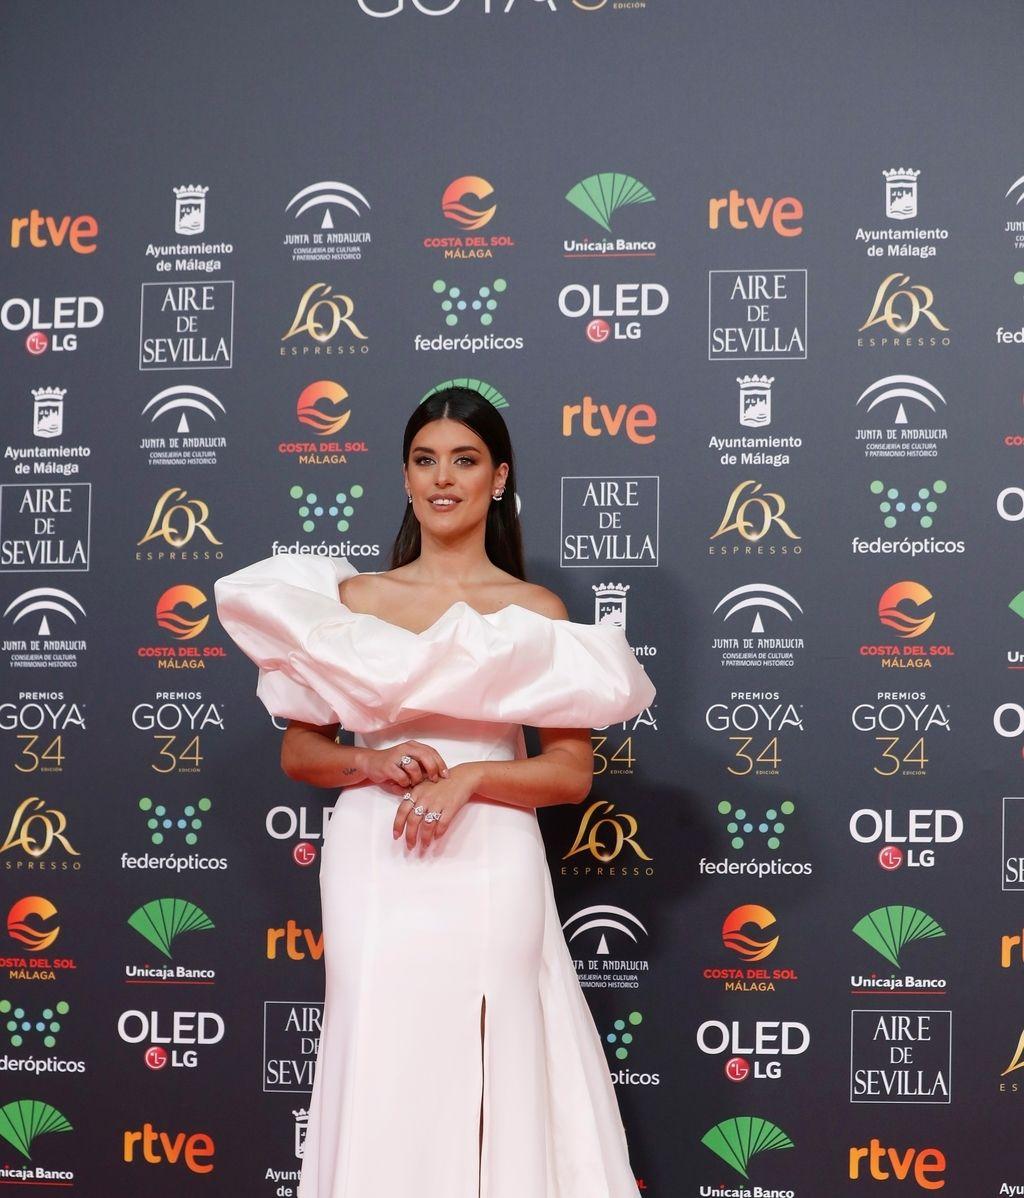 La influencer Aida Doménech 'Dulceida' en la alfombra roja de los Premios Goya 2020